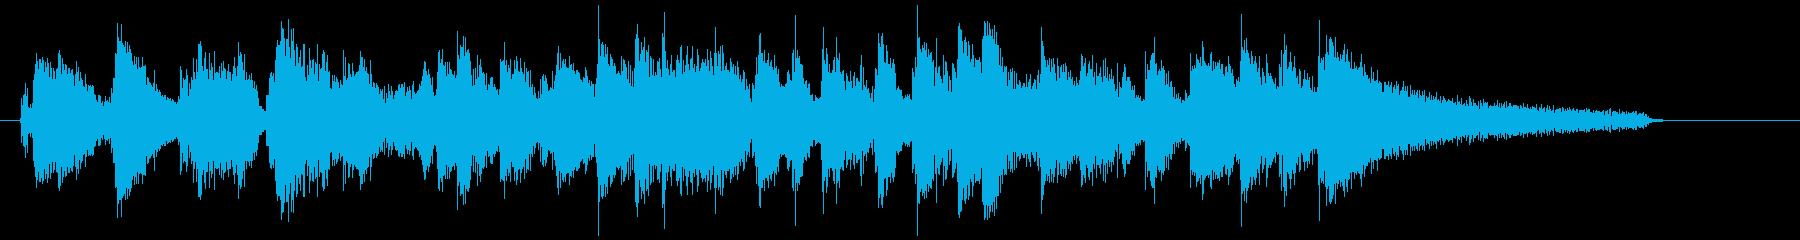 ギターとピアノのクールなジャズジングルの再生済みの波形